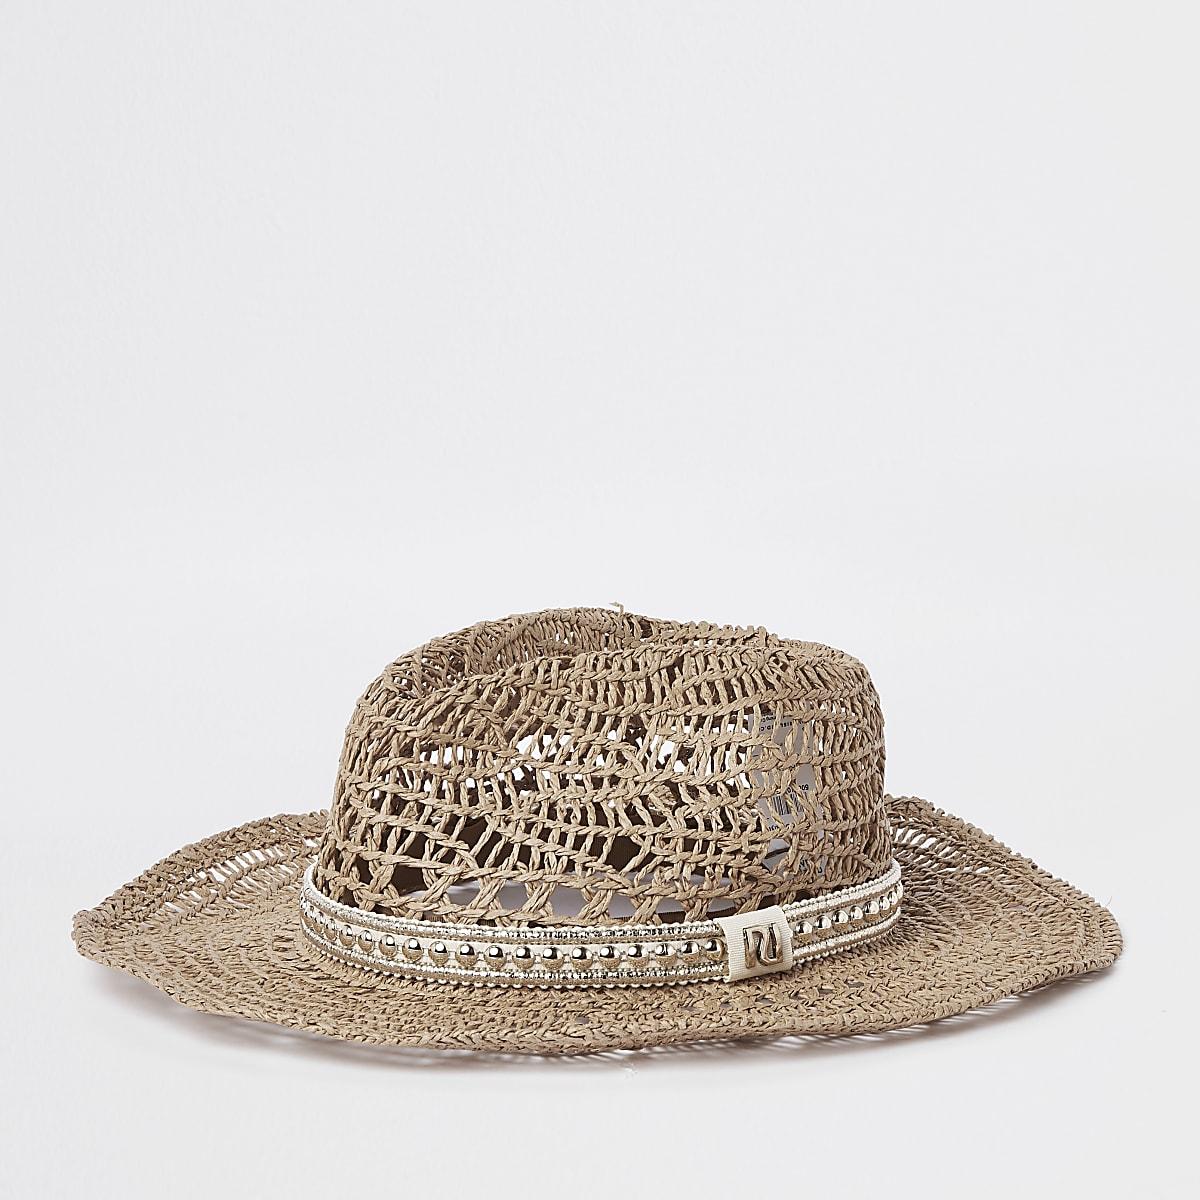 4fe6eaa60b6e3 Beige western style straw hat - Hats - Accessories - women